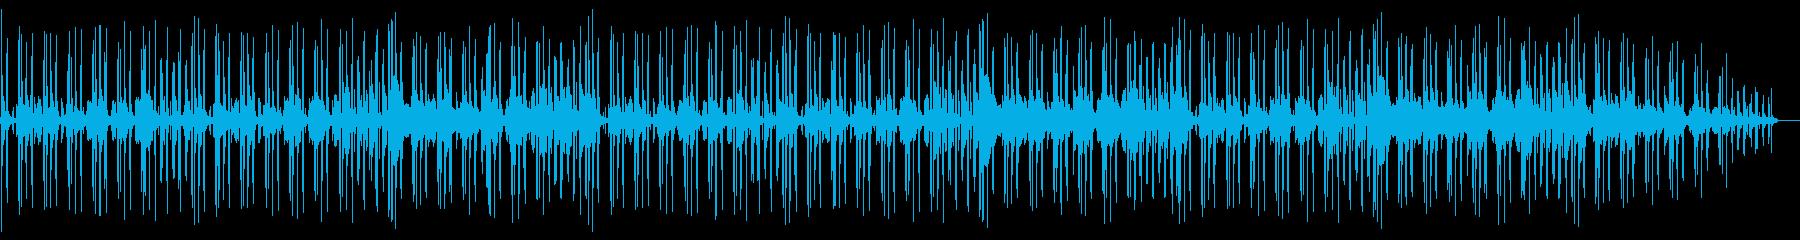 バンドセッション風インストトラックの再生済みの波形